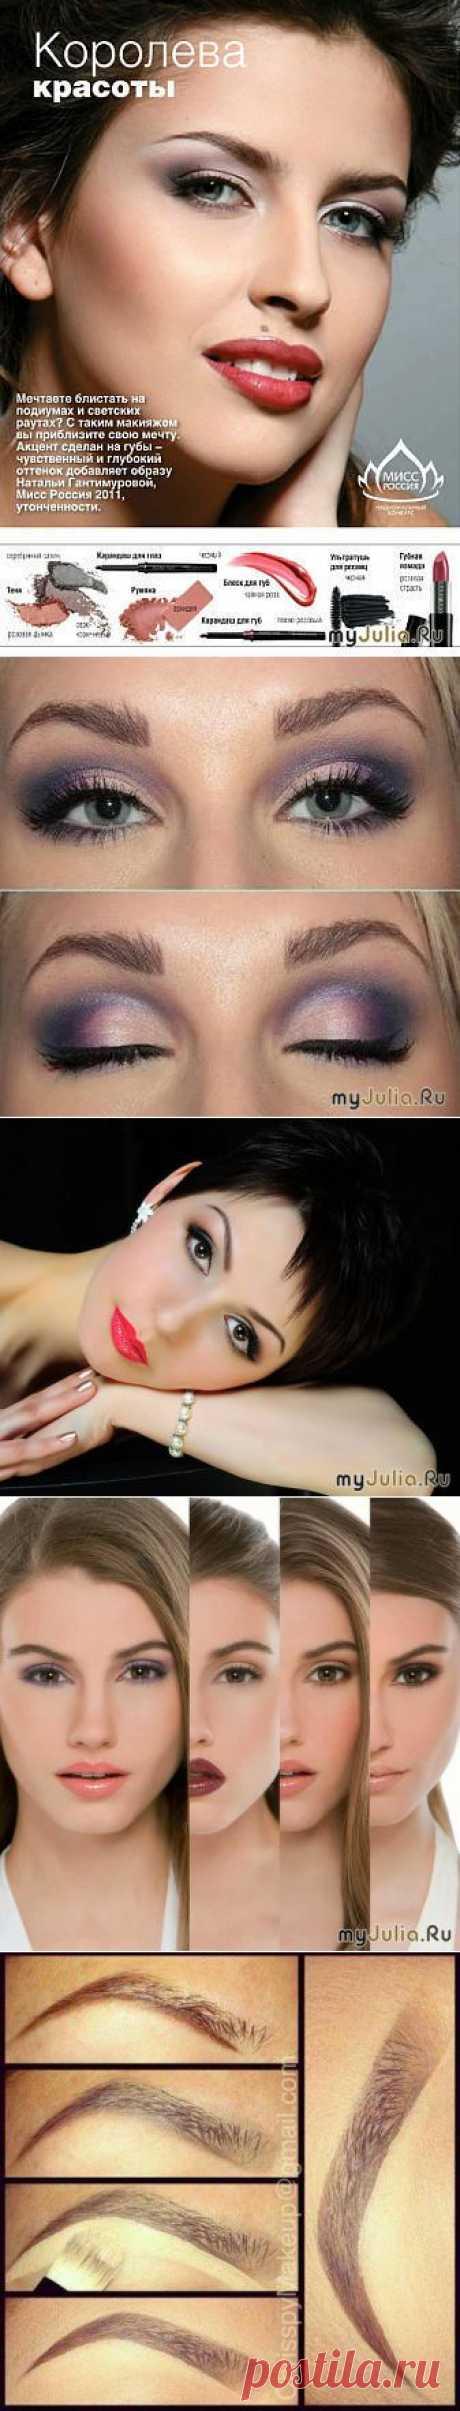 Оформление бровей: Красота и стиль - женская социальная сеть myJulia.ru